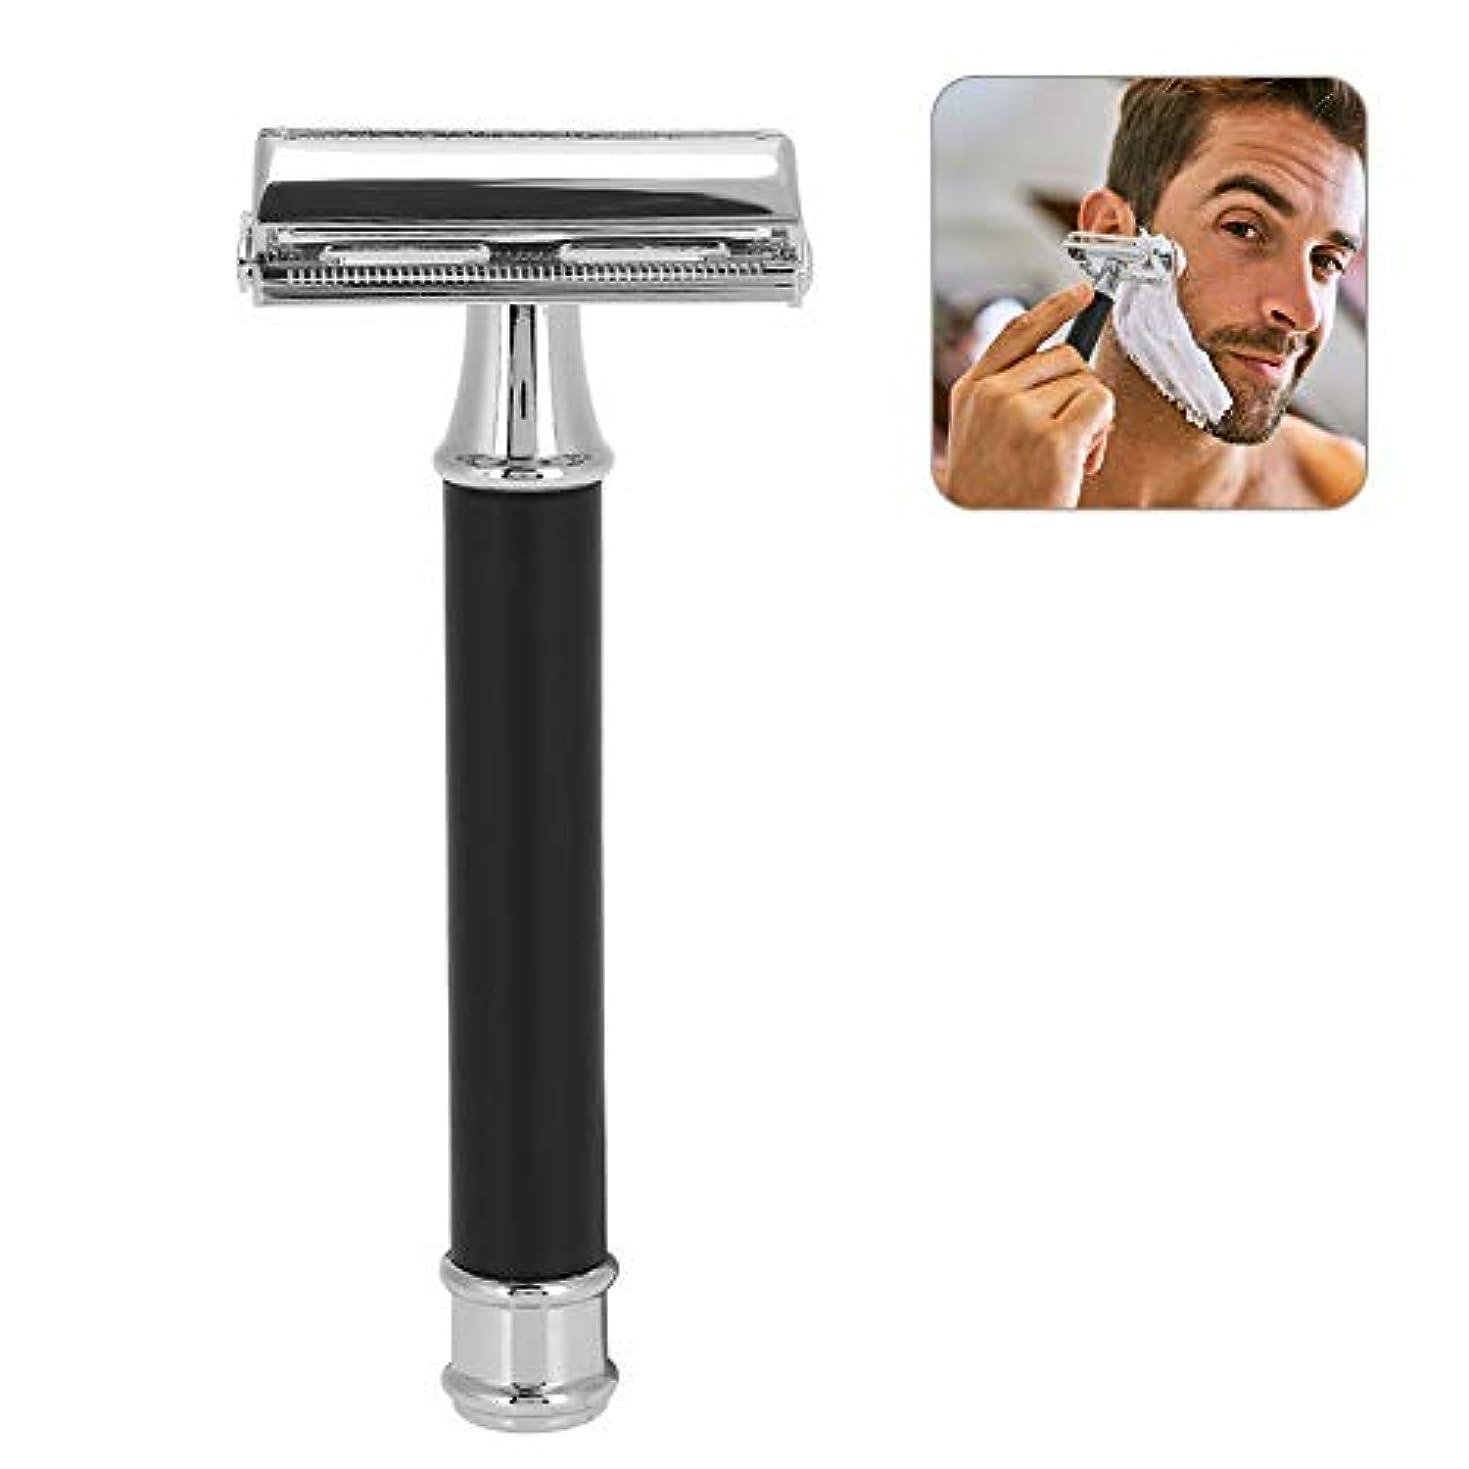 シネマシェア十分ではない両刃カミソリホルダー メンズシェーバー クラシックレイザー 脱毛器 剃刀 手動 交換可能なブレード 両面ナイフ